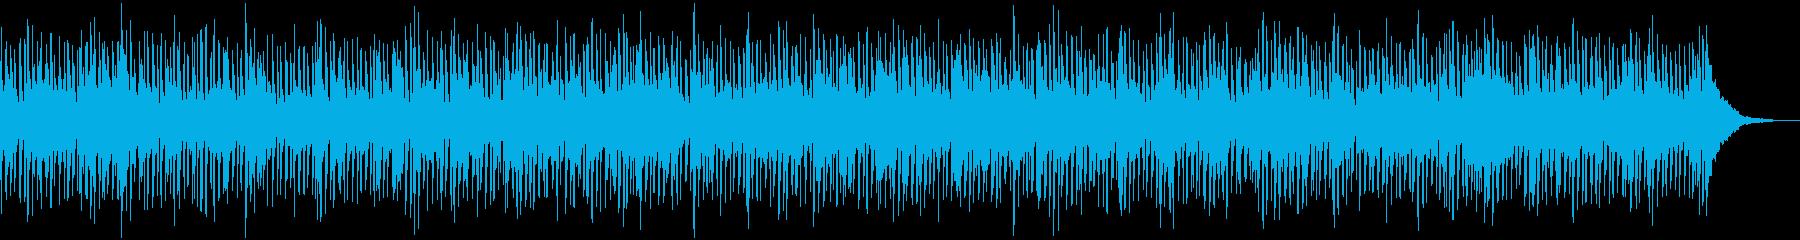 夜景が似合うお洒落エレピのスムースジャズの再生済みの波形